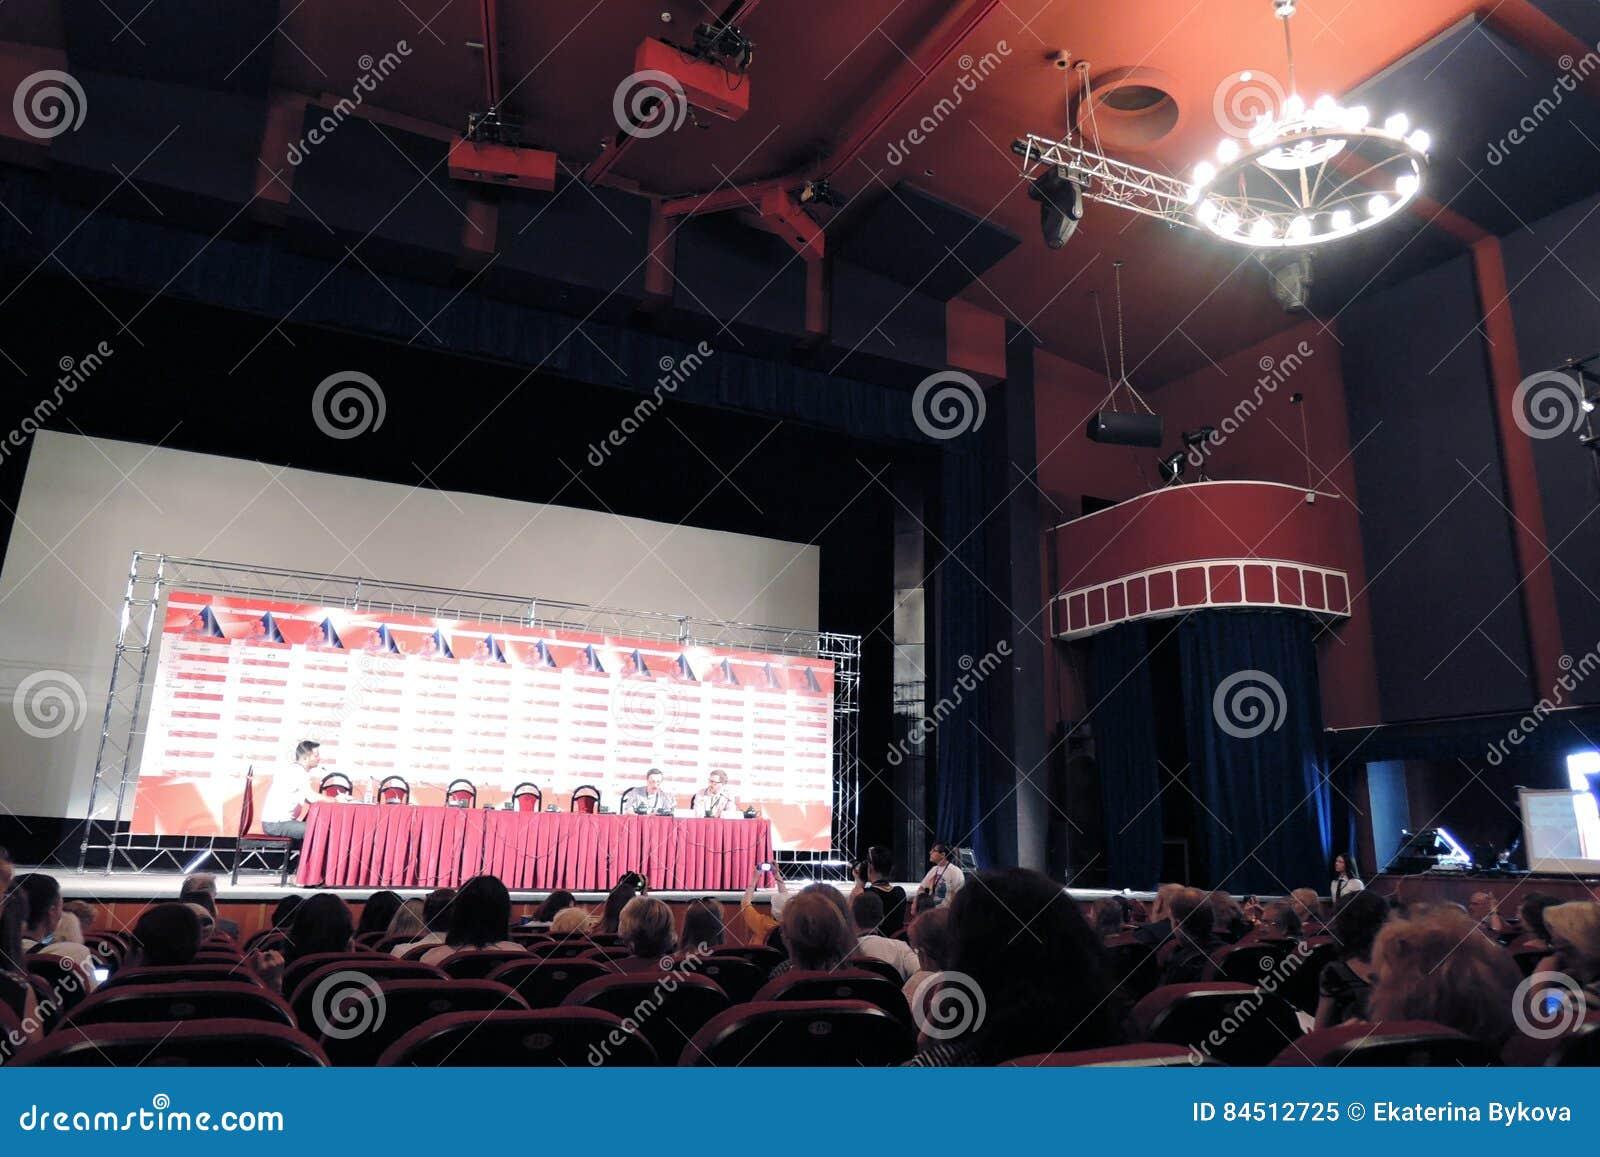 Persconferentie Van Internationaal De Filmfestival Van